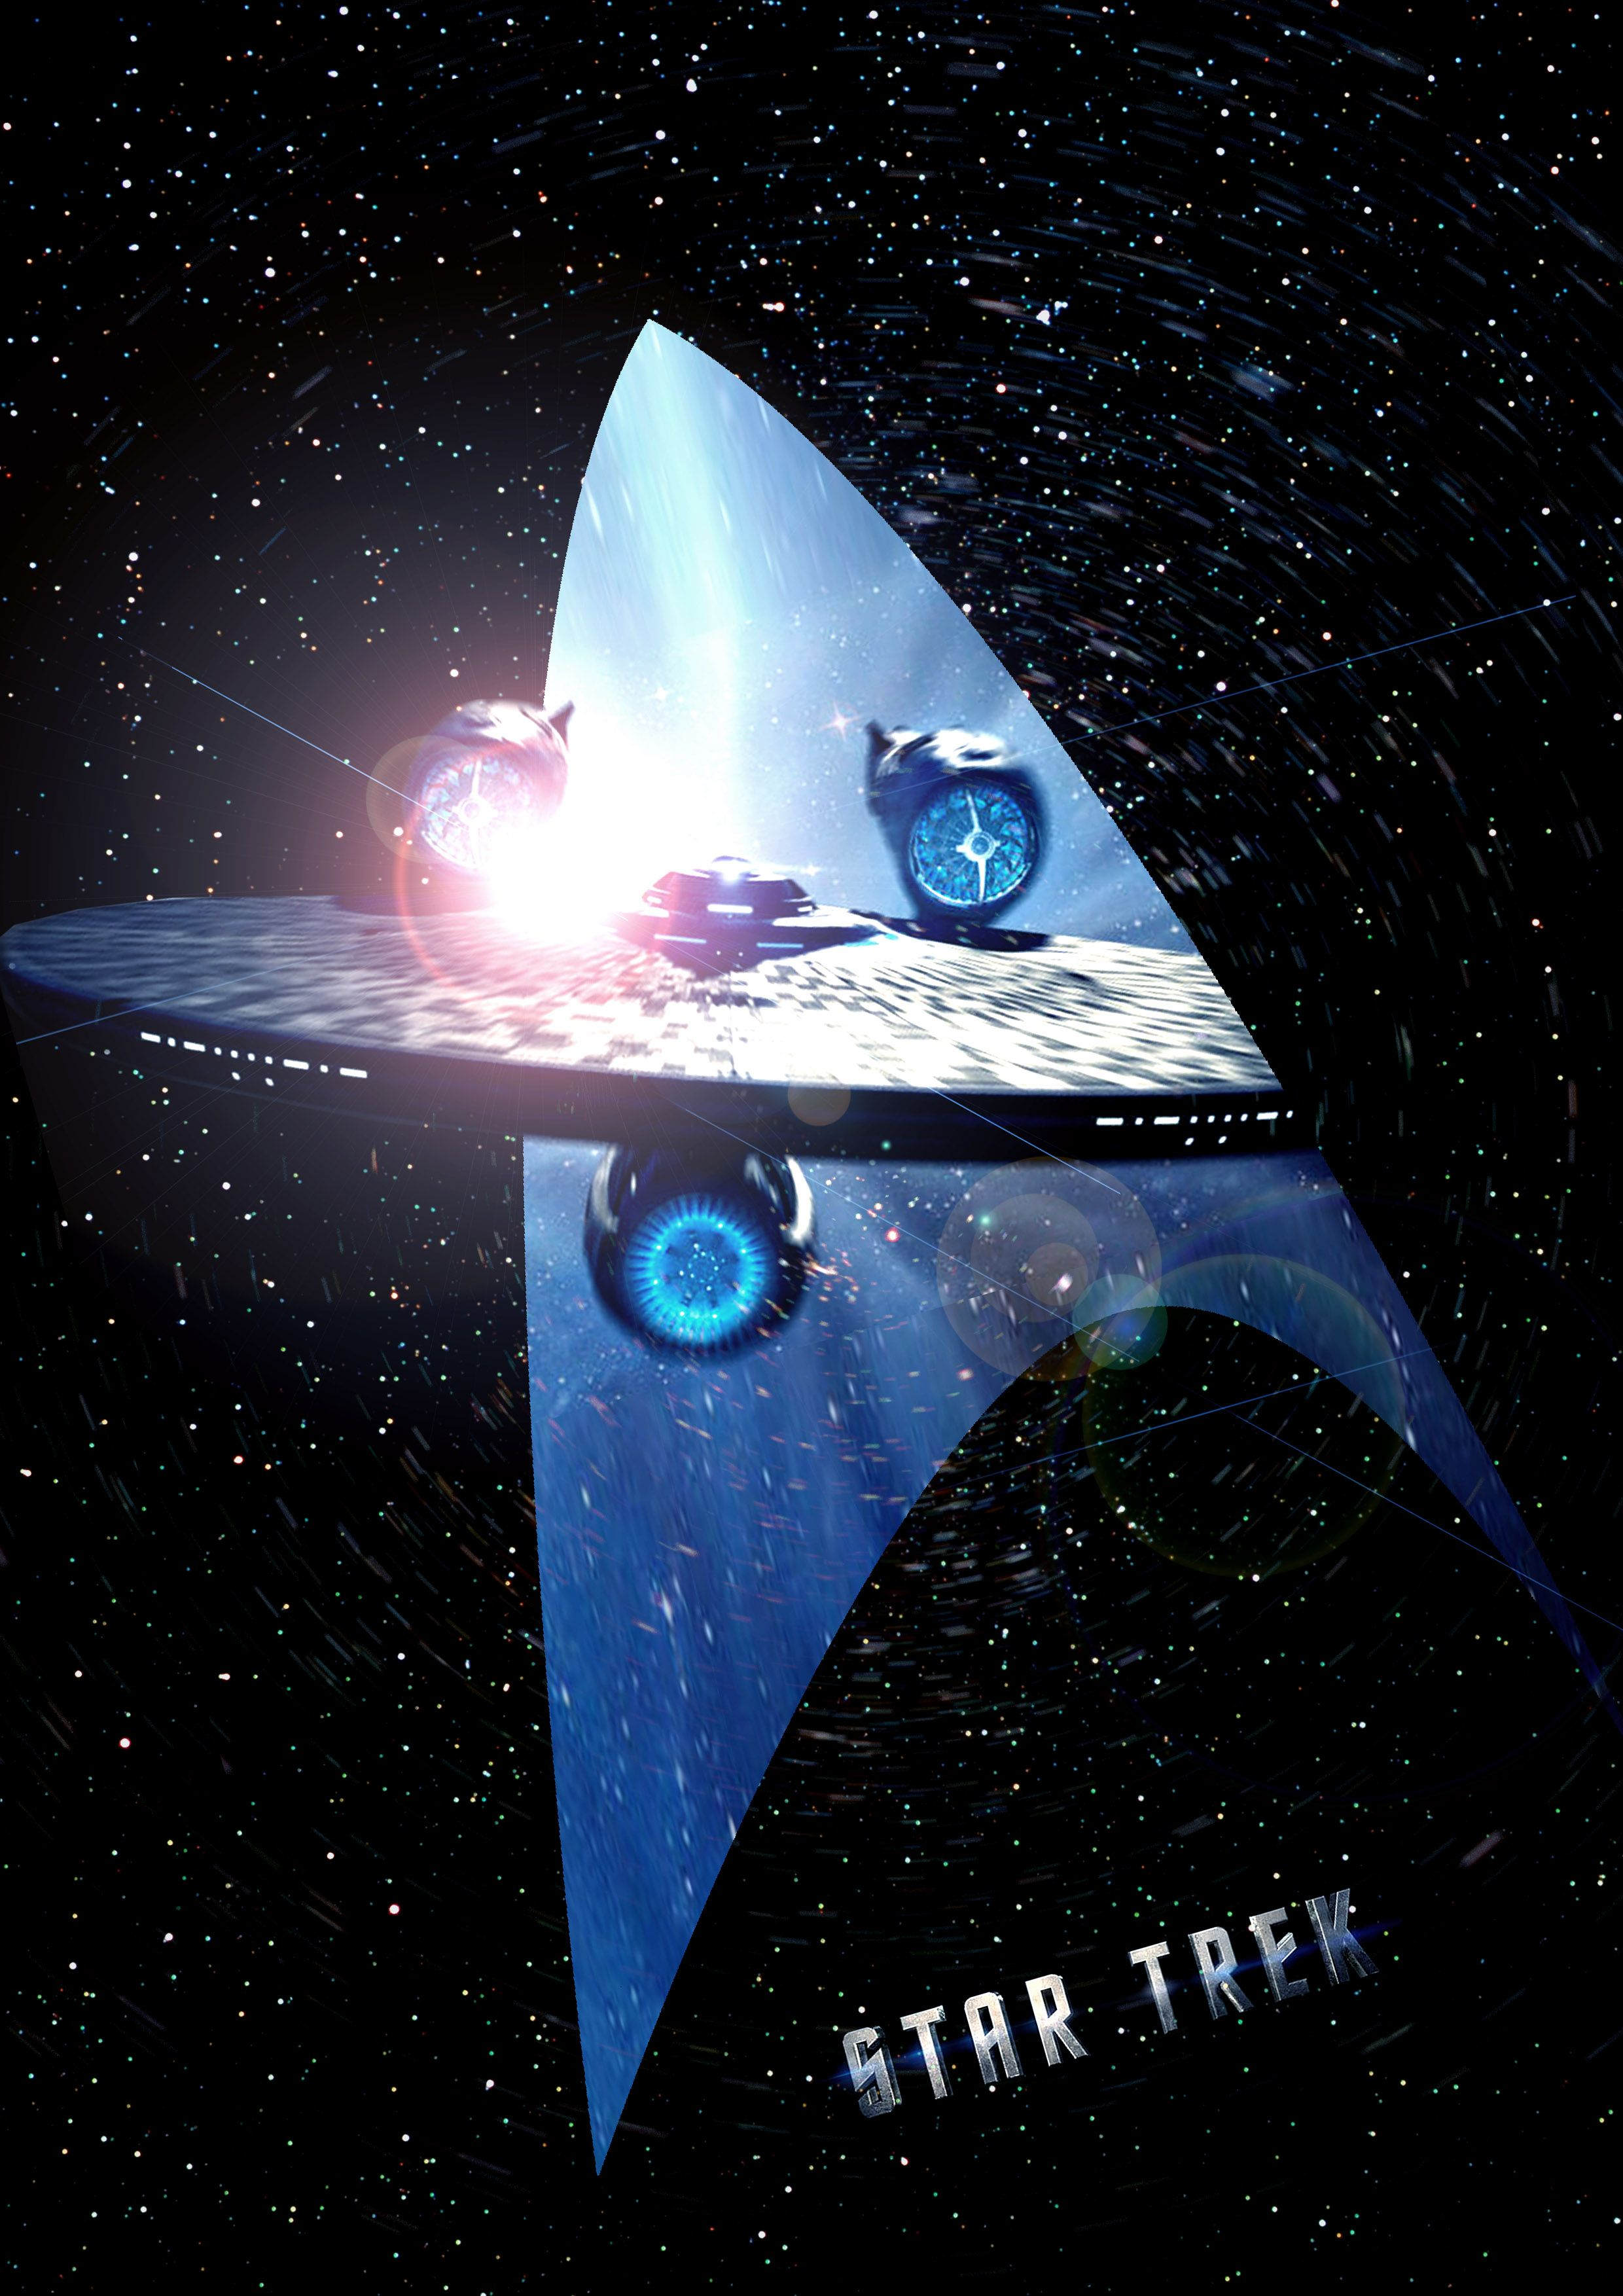 Les voeux de fin d'année Star_Trek_4